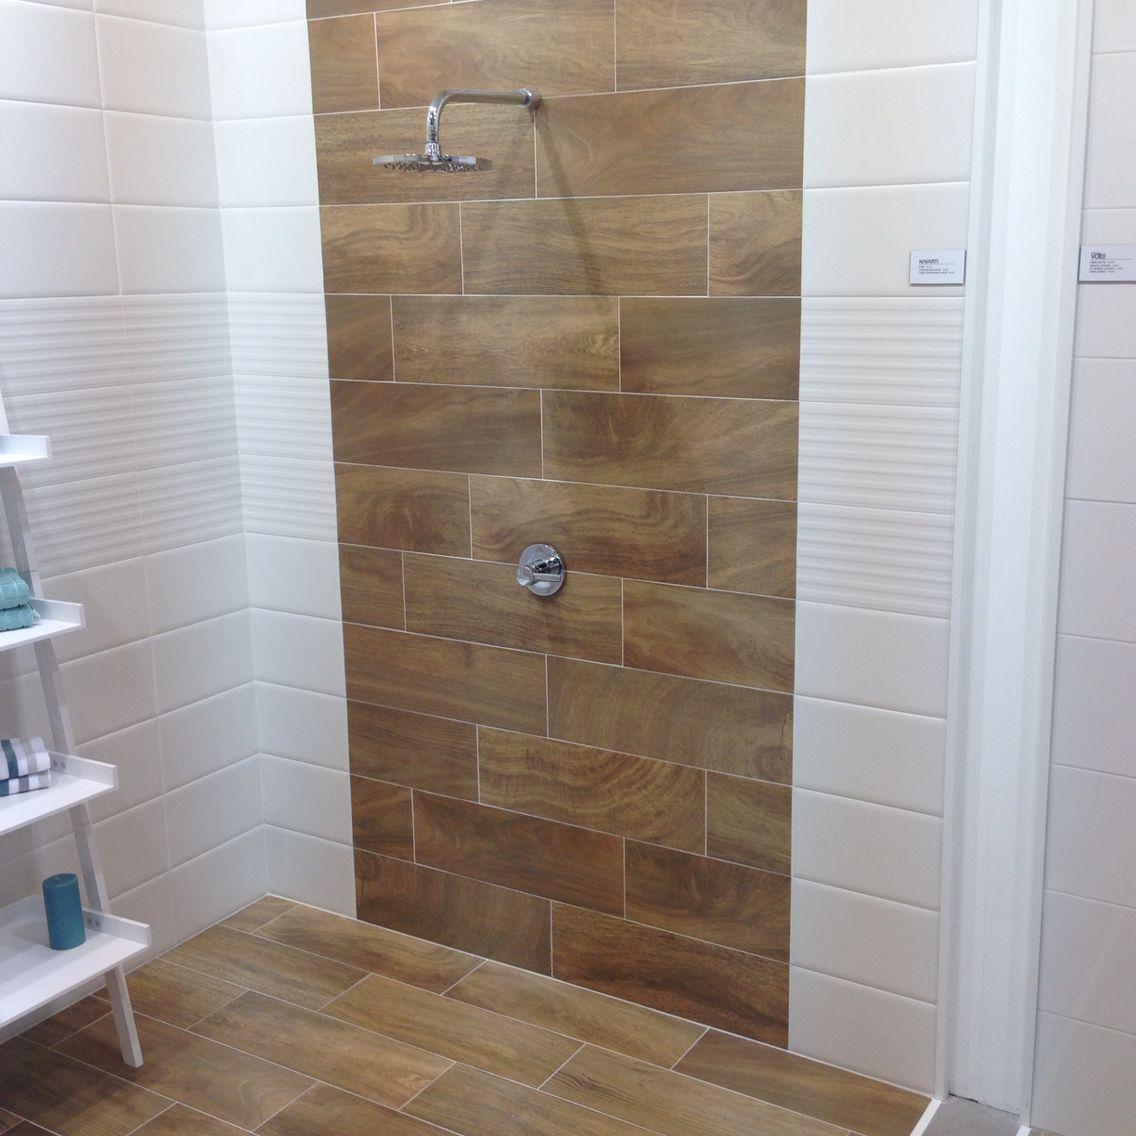 Houtlook tegels tegen de wand in de badkamer | Houtlook tegels ...